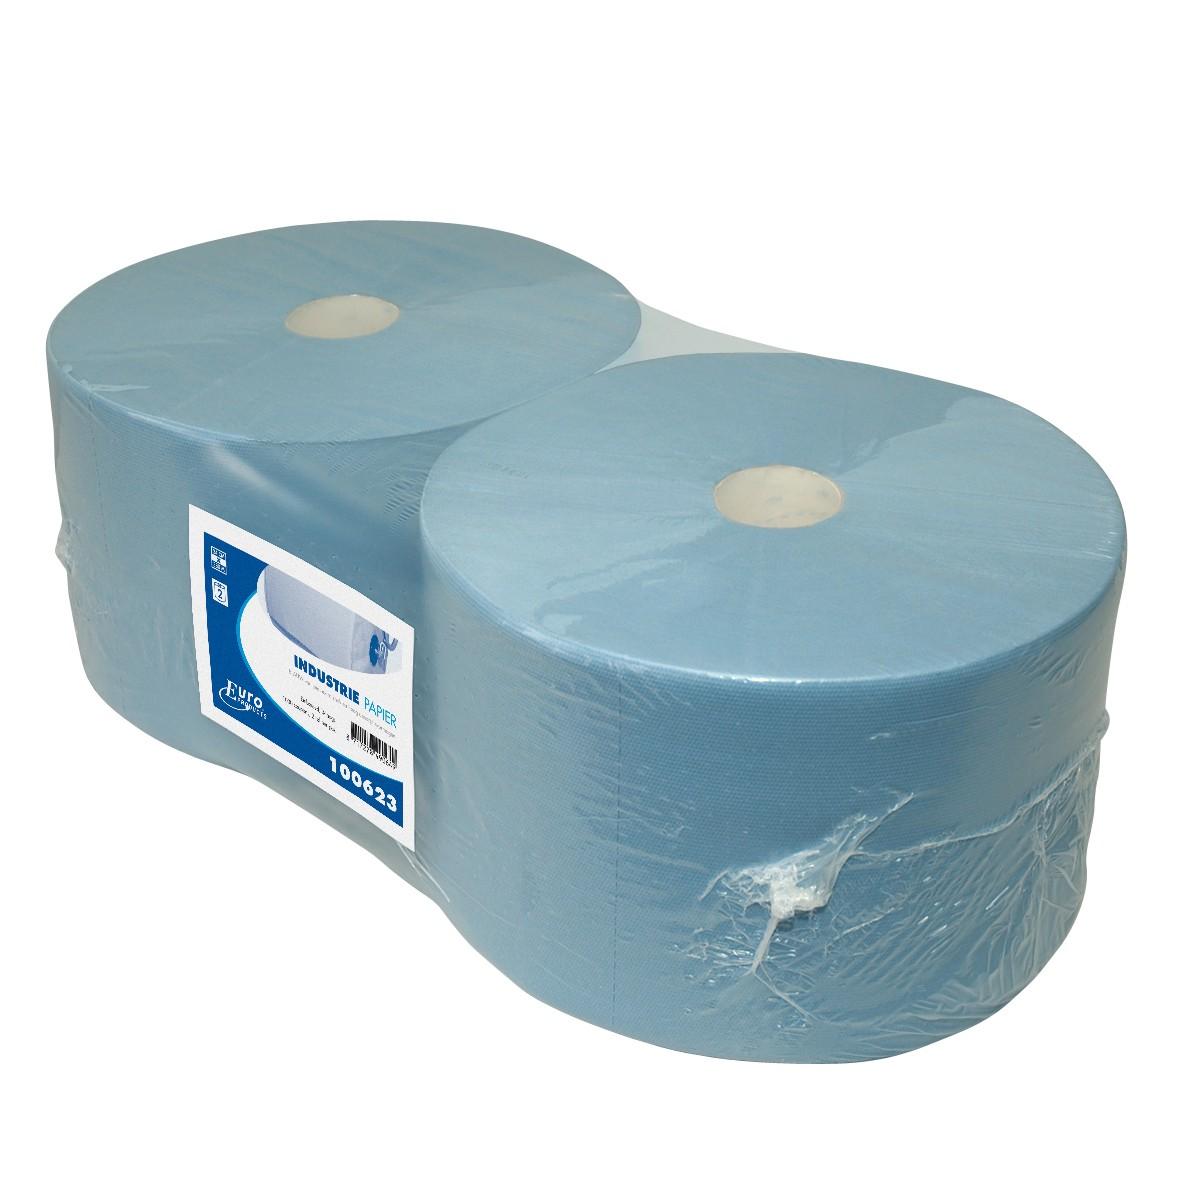 Industrie poetsrol 1000 meter x 23 cm.1-laags blauw, inhoud 2 rollen